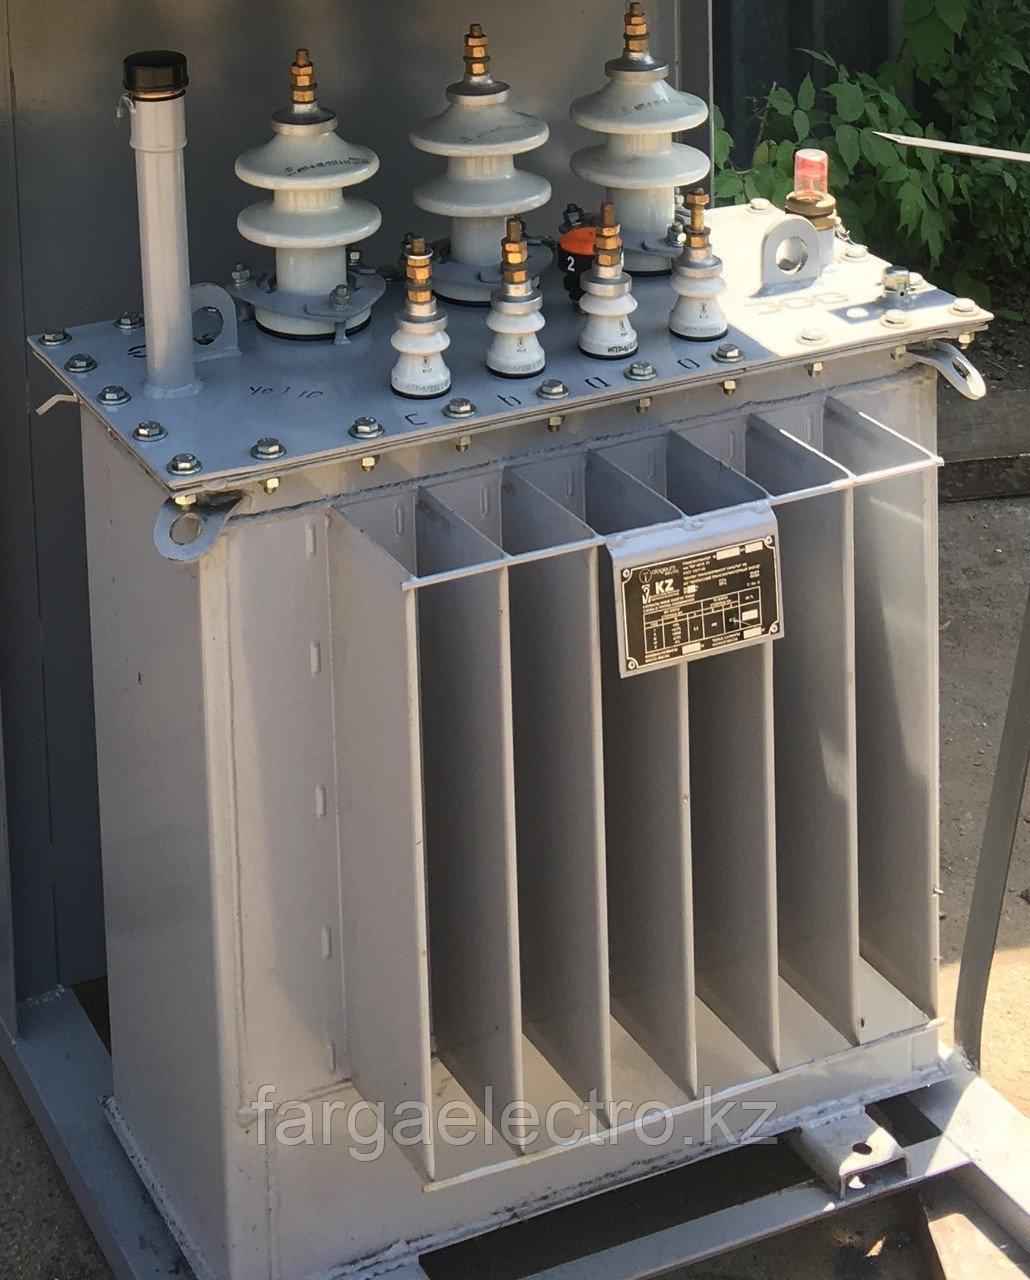 ТМГ 25/6(10)-0,4 У1; Трансформатор силовой, масленный трехфазный, мощность 25 кВА